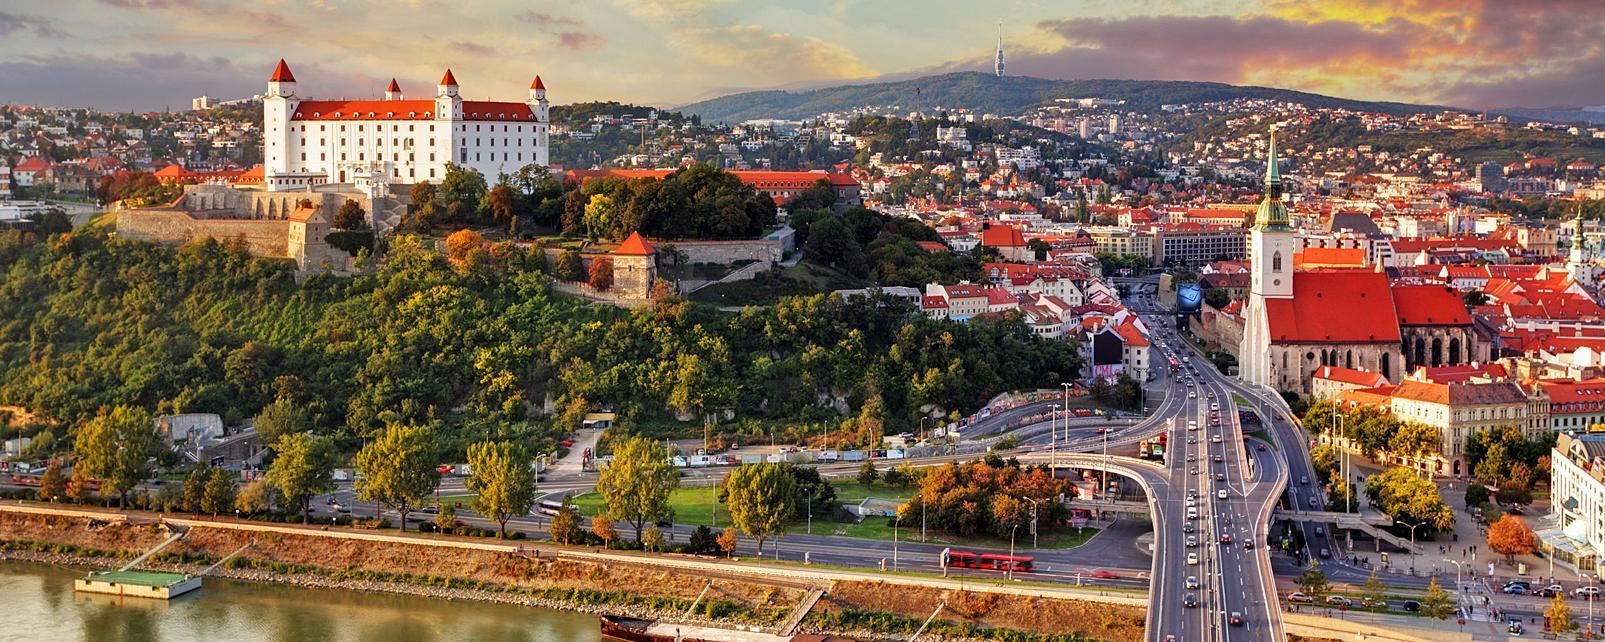 Europe, Slovaquie, Bratislava, ville, pont, immeuble, fleuve, église, arbre,